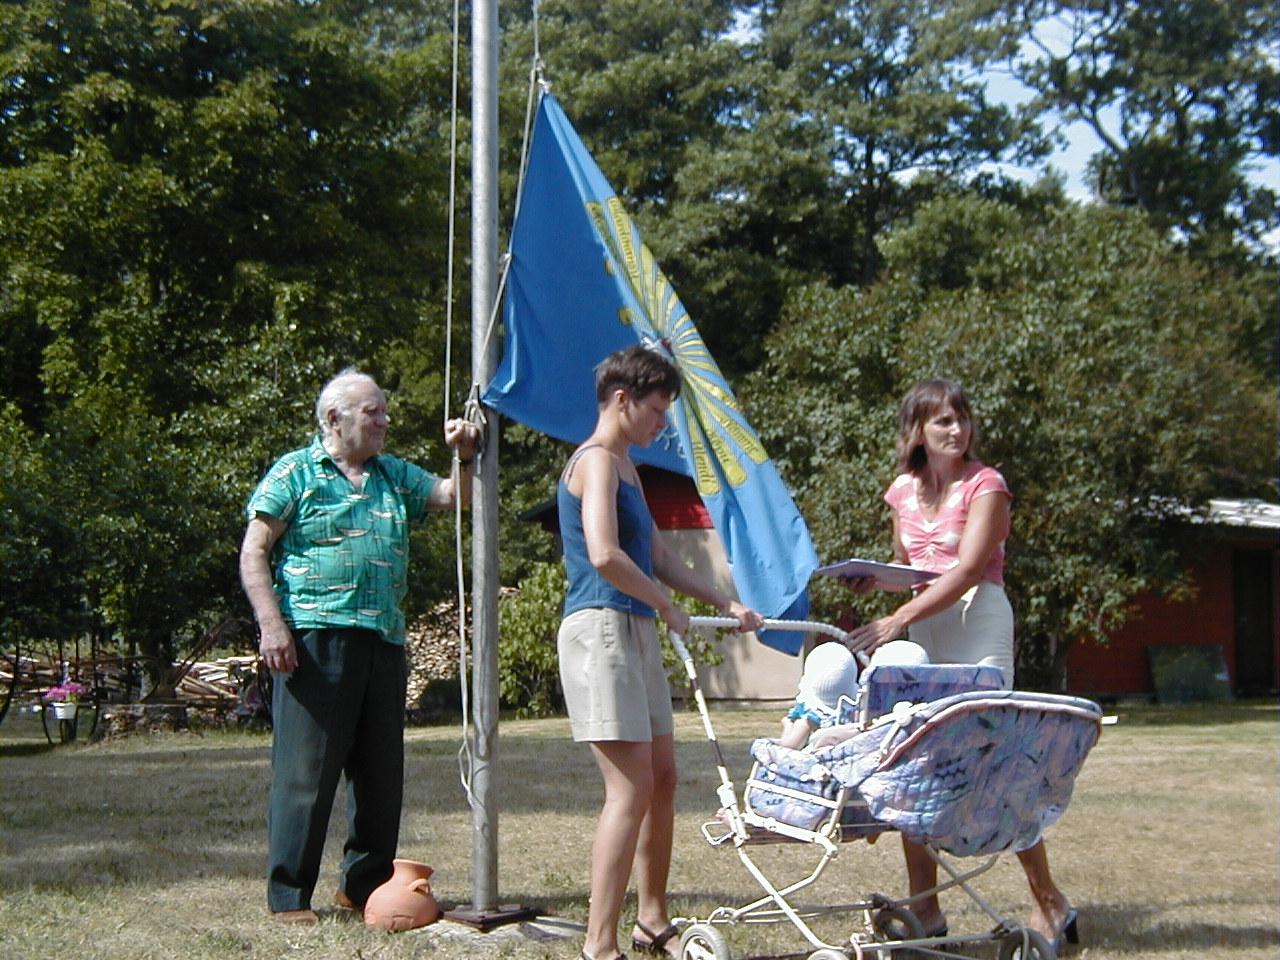 Kõpu_külade_lipu_heiskasid_küla_vanim_elanik_Kalju_Pall_ja_n.JPG